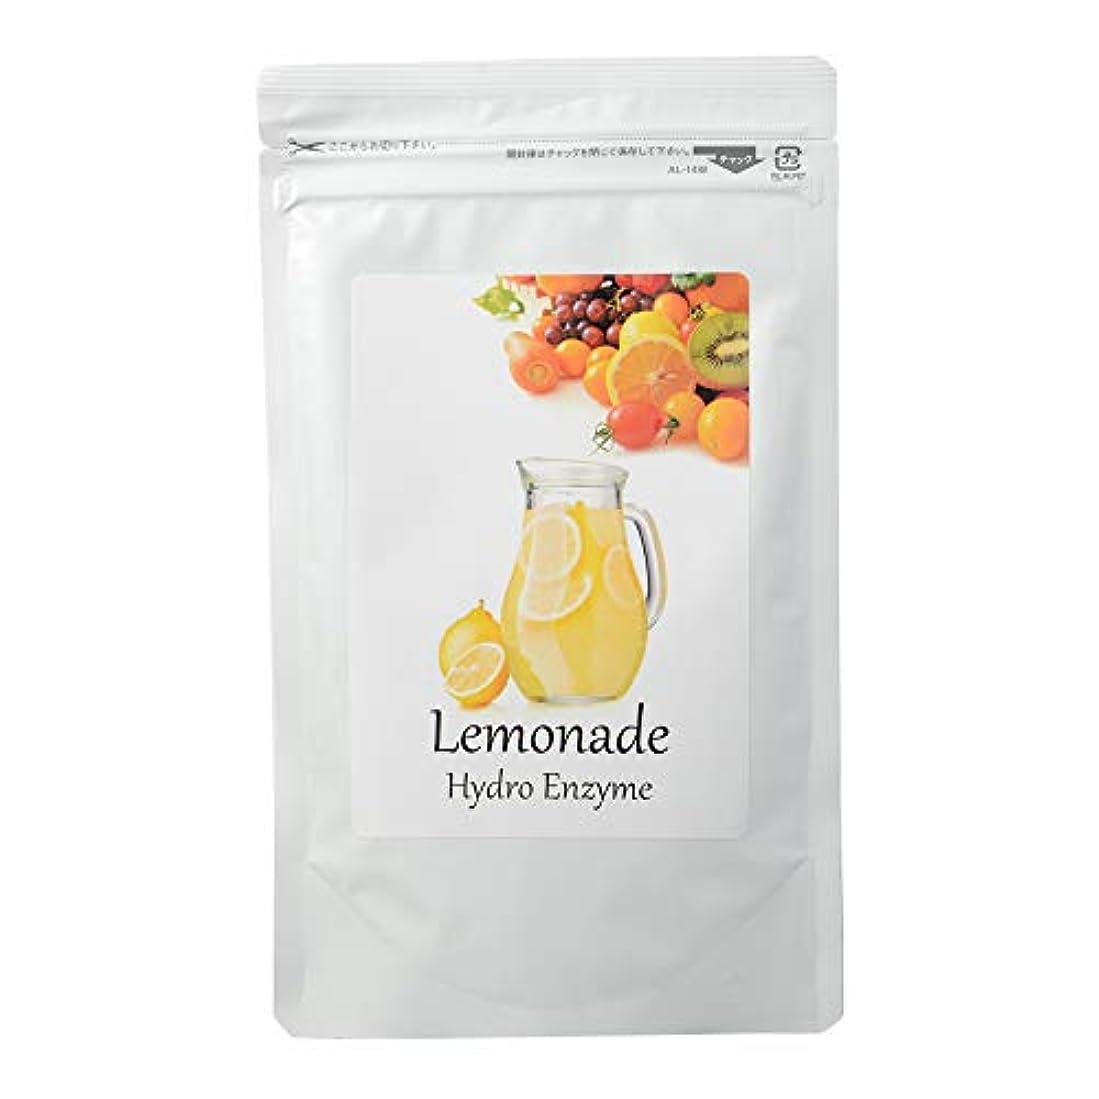 ラベル伝導北米Lemonade Hydro Enzyme (ダイエット ドリンク) レモネード 水素エンザイムダイエット 健康飲料 専用スプーン付 [内容量150g /説明書付き]